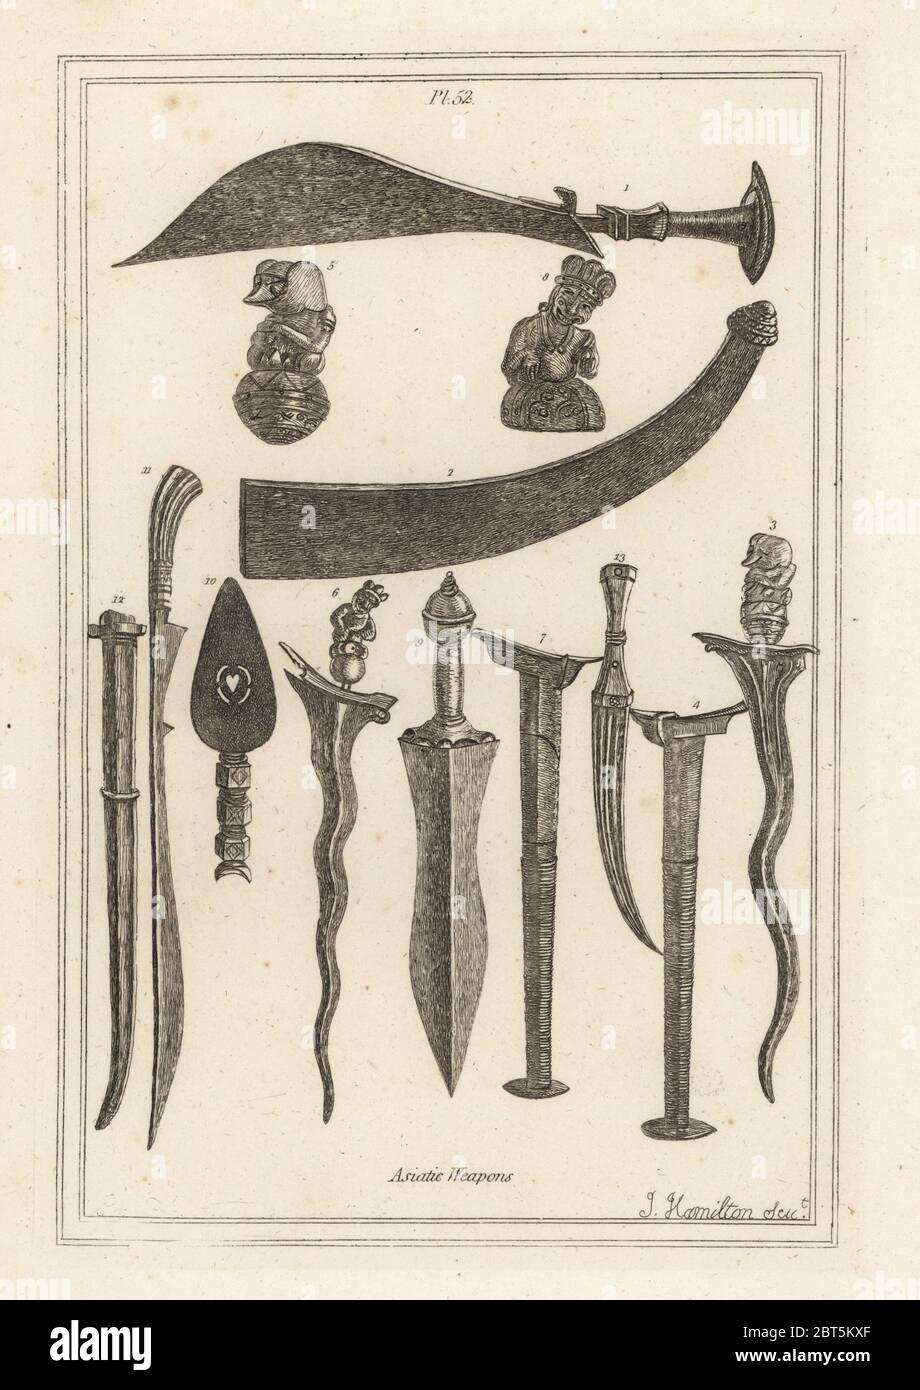 Poignard Malais En 5 Lettres : poignard, malais, lettres, Dagger, Banque, D'image, Photos, Alamy